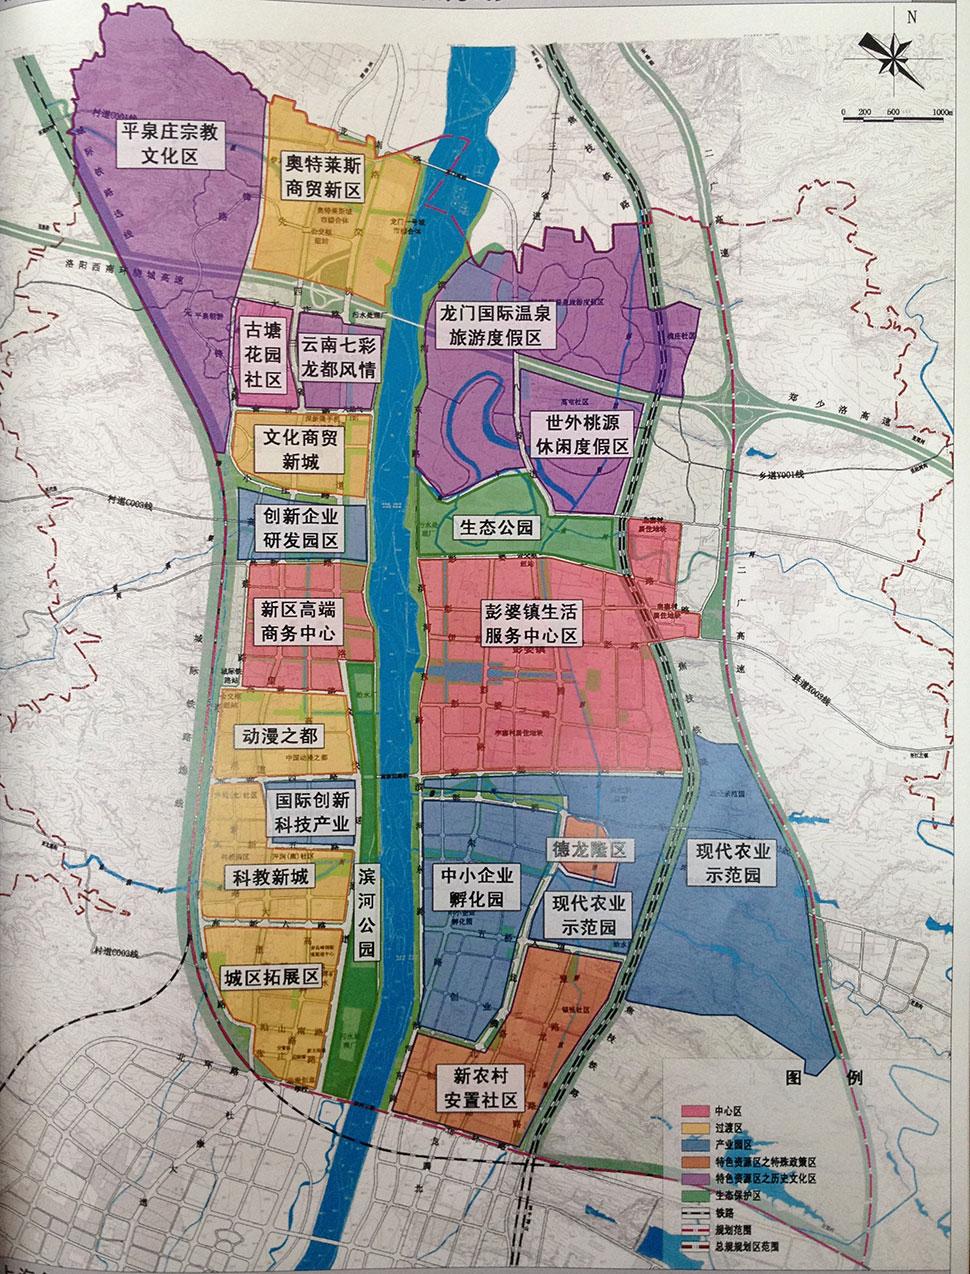 洛阳市景点地图全图